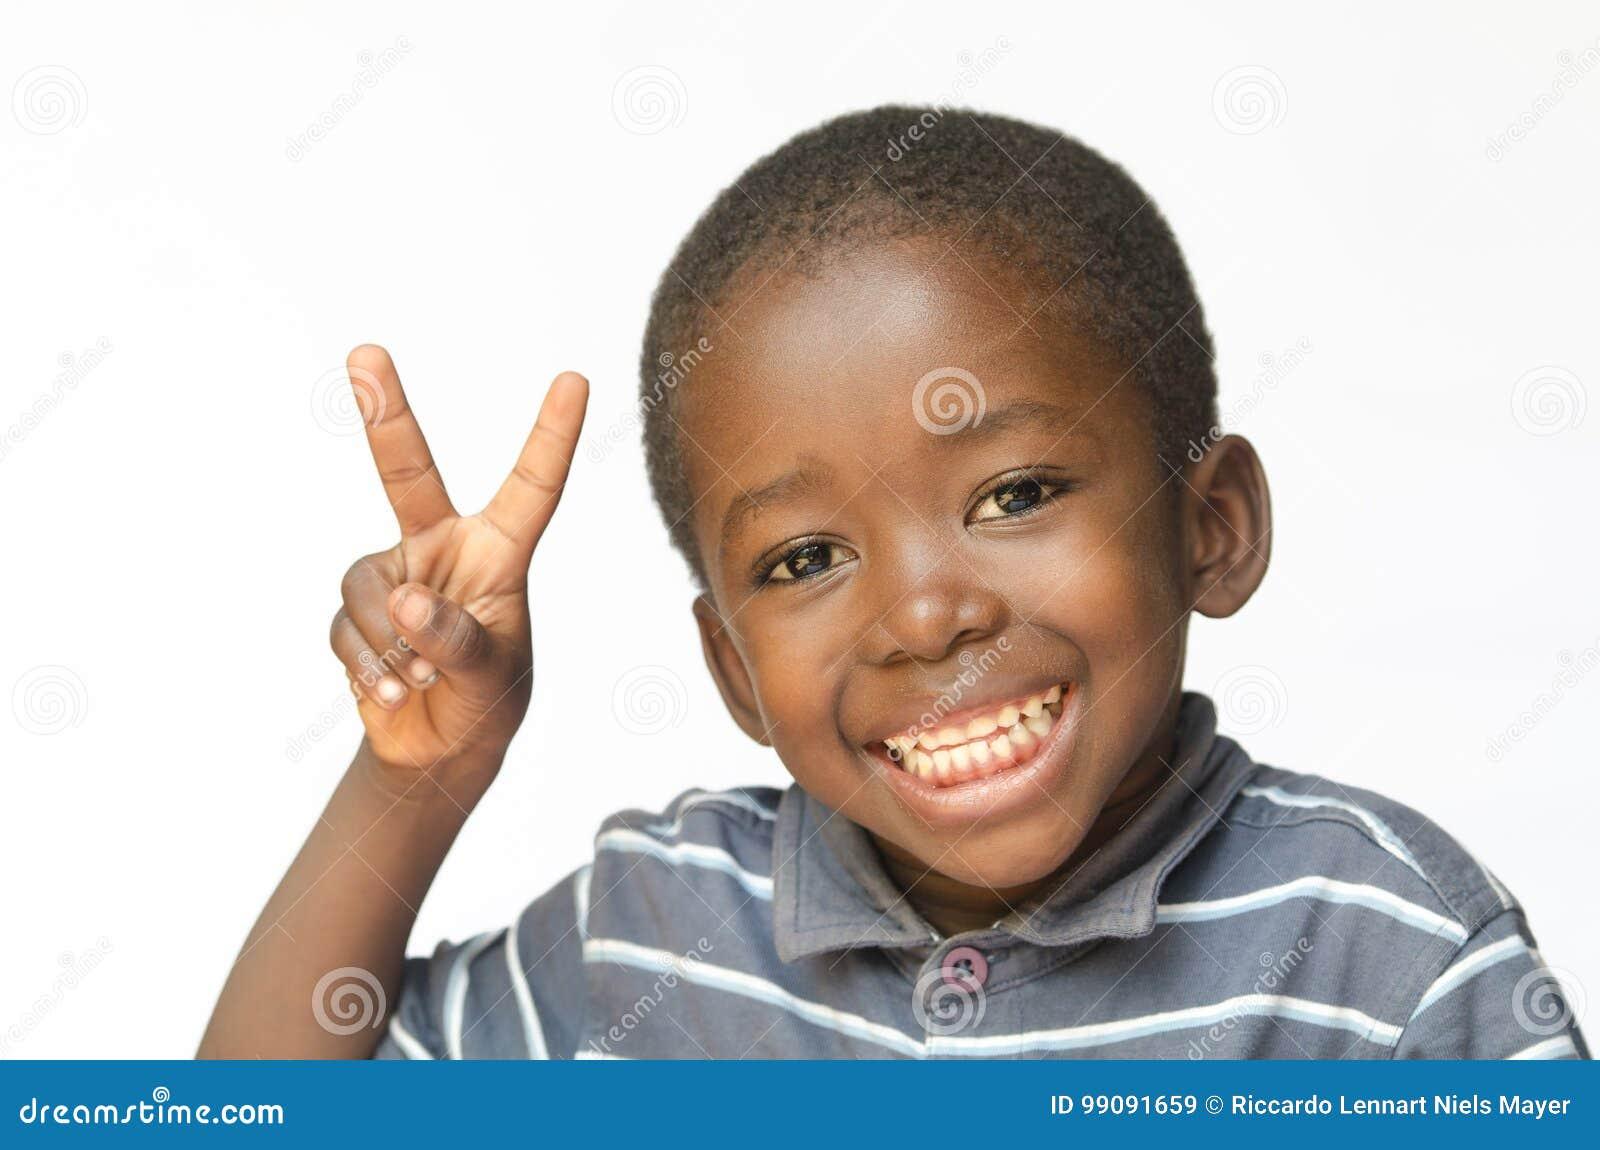 Bardzo szczęśliwa Afrykańska czarna chłopiec robi pokoju znakowi dla Afryka afrykańskiego pochodzenia etnicznego uśmiechu ogromne